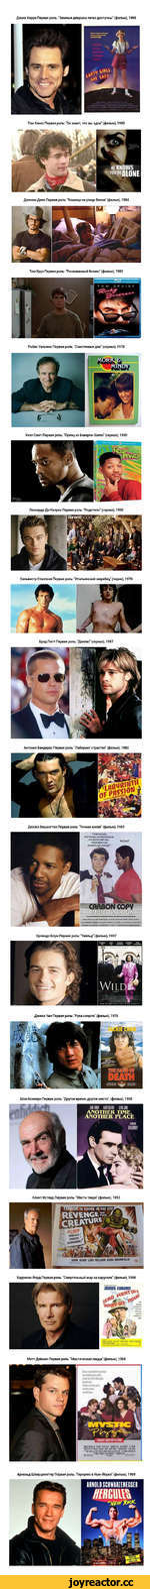 """Джим Керри Первая роль: """"Земные девушки легко доступны"""" (фильм), 1989 Том Хэнкс Первая роль: """"Он знает, что вы одни"""" (фильм), 1980 I Tuit) You То loci Тш 1Нч>«л Джонни Депп Первая роль: """"Кошмар на улице Вязов"""" (фильм), 1984 Том Круз Первая роль: """"Рискованный бизнес"""" (фильм), 1983 Робин Уильямс"""